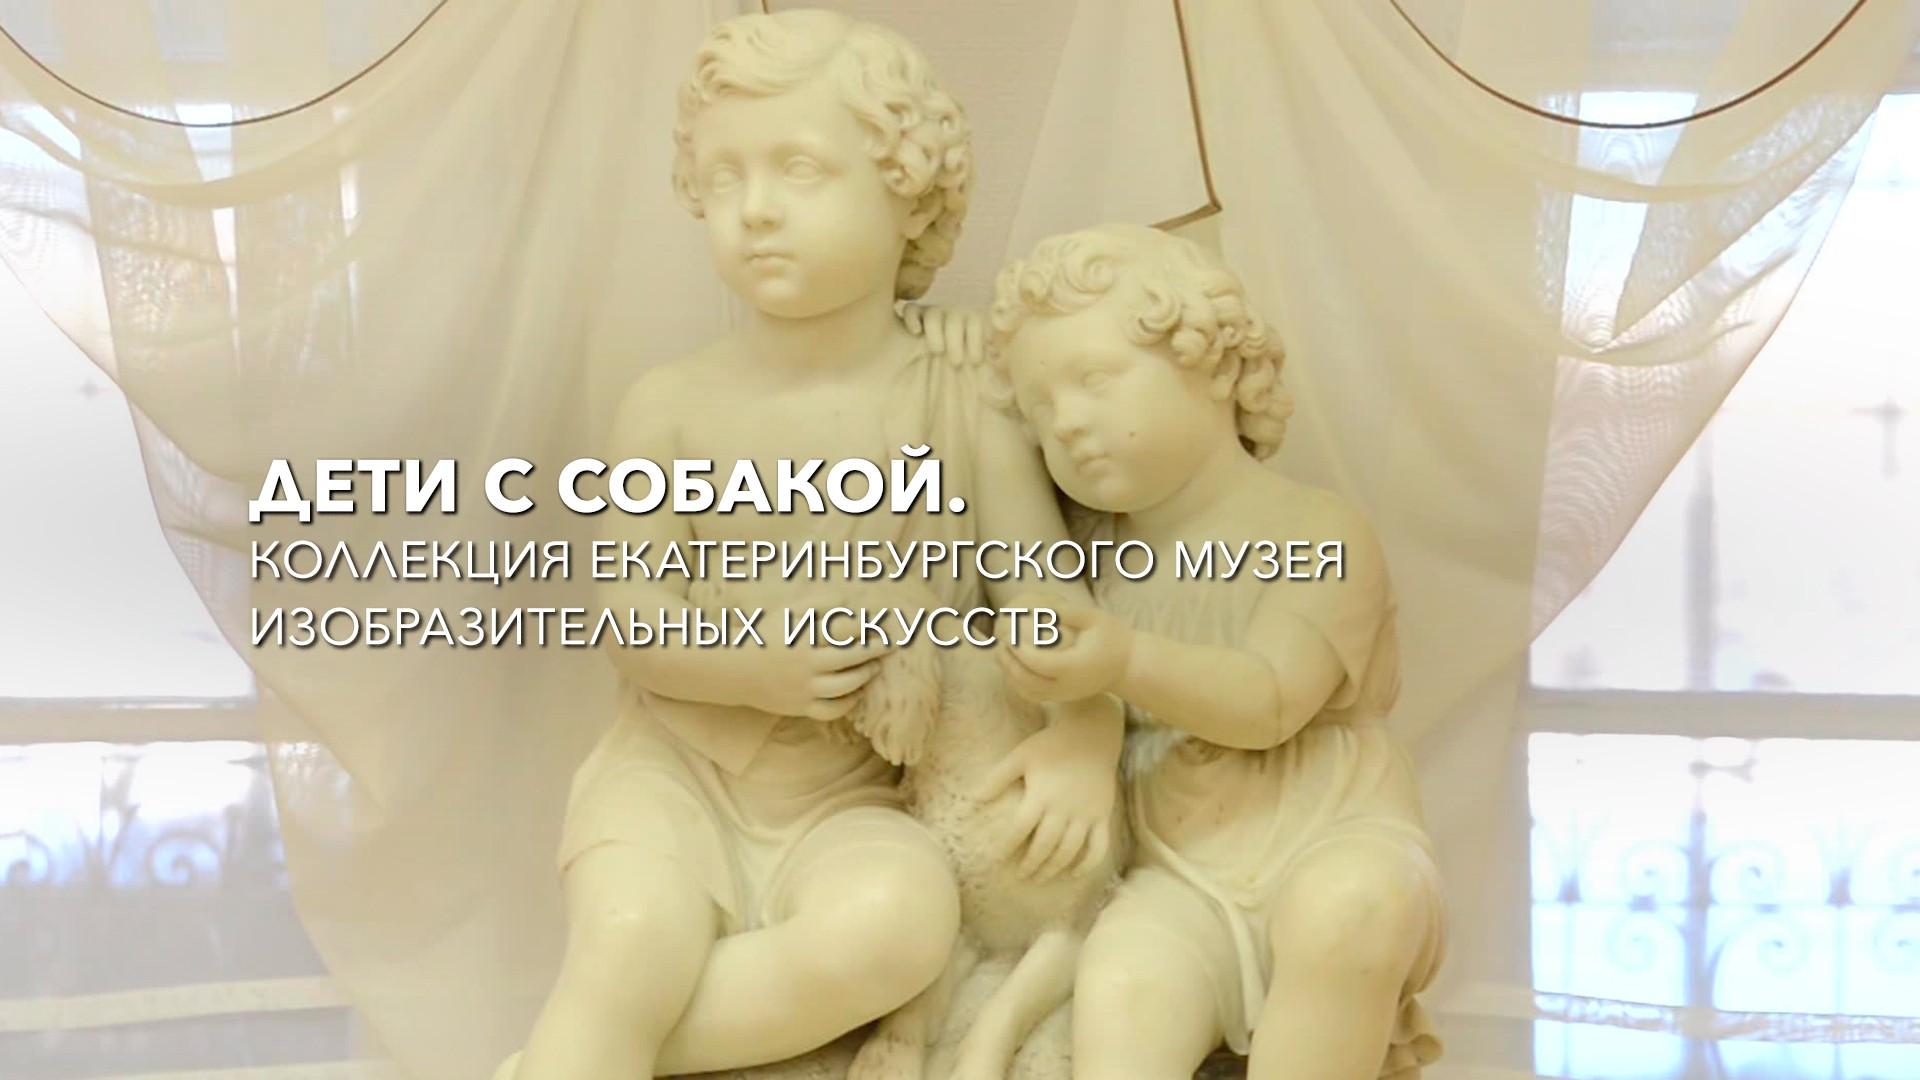 Дети с собакой. Коллекция Екатеринбургского музея изобразительных искусств